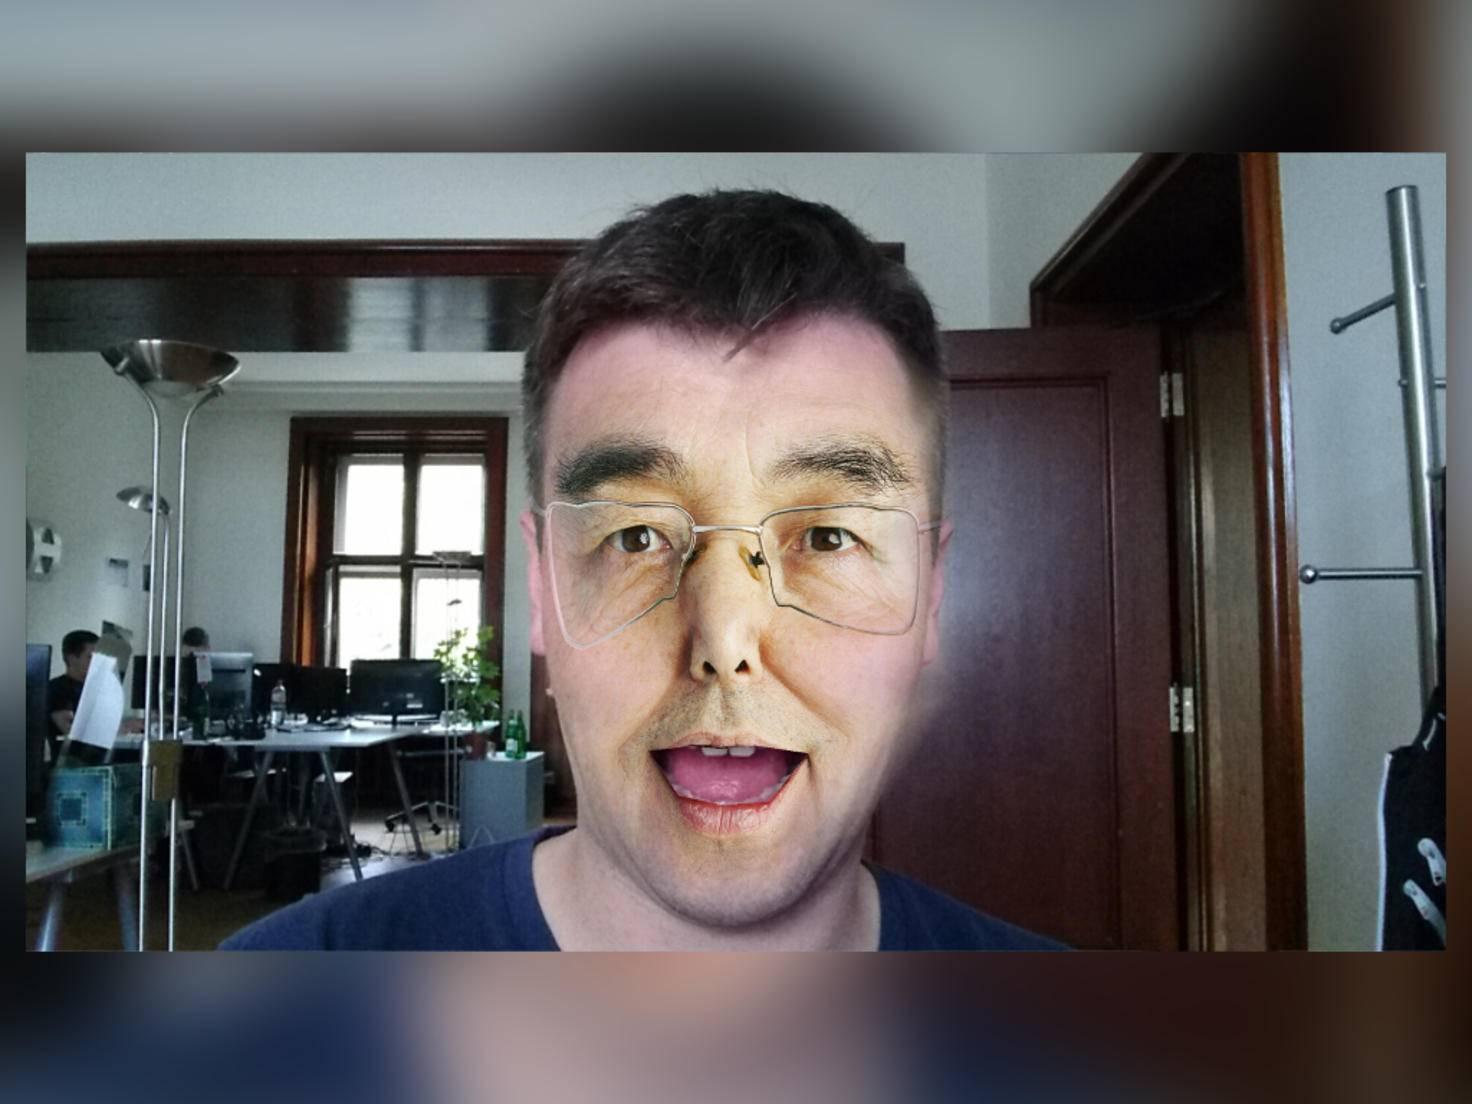 Dank AR-Effekt kann man sich eine Maske aufsetzen.